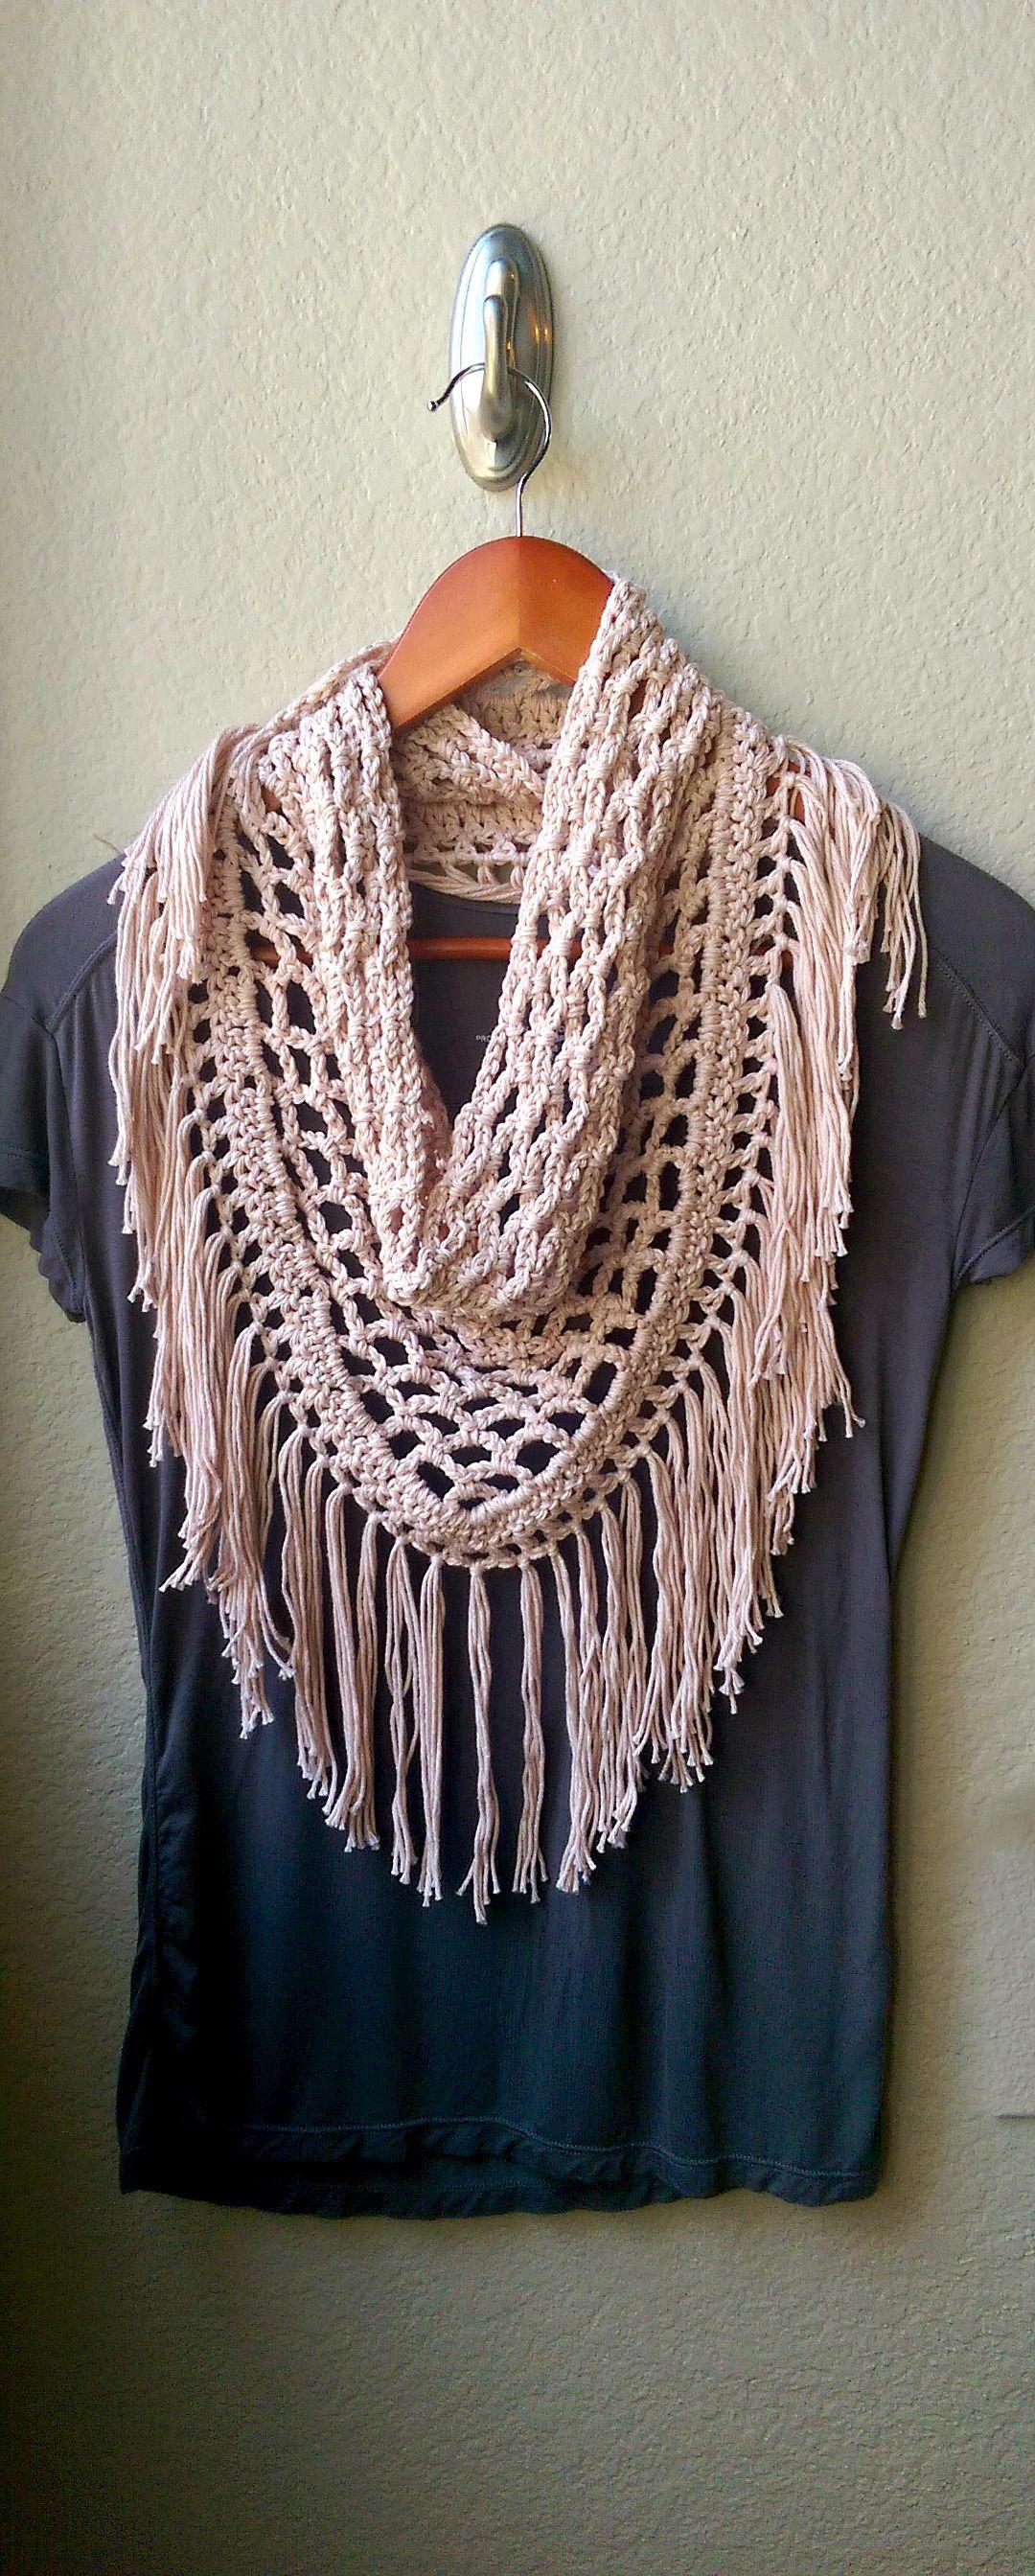 Crochet Scarf Pattern Only, Crochet Triangle Scarf Pattern, Fringe - Free Printable Crochet Scarf Patterns